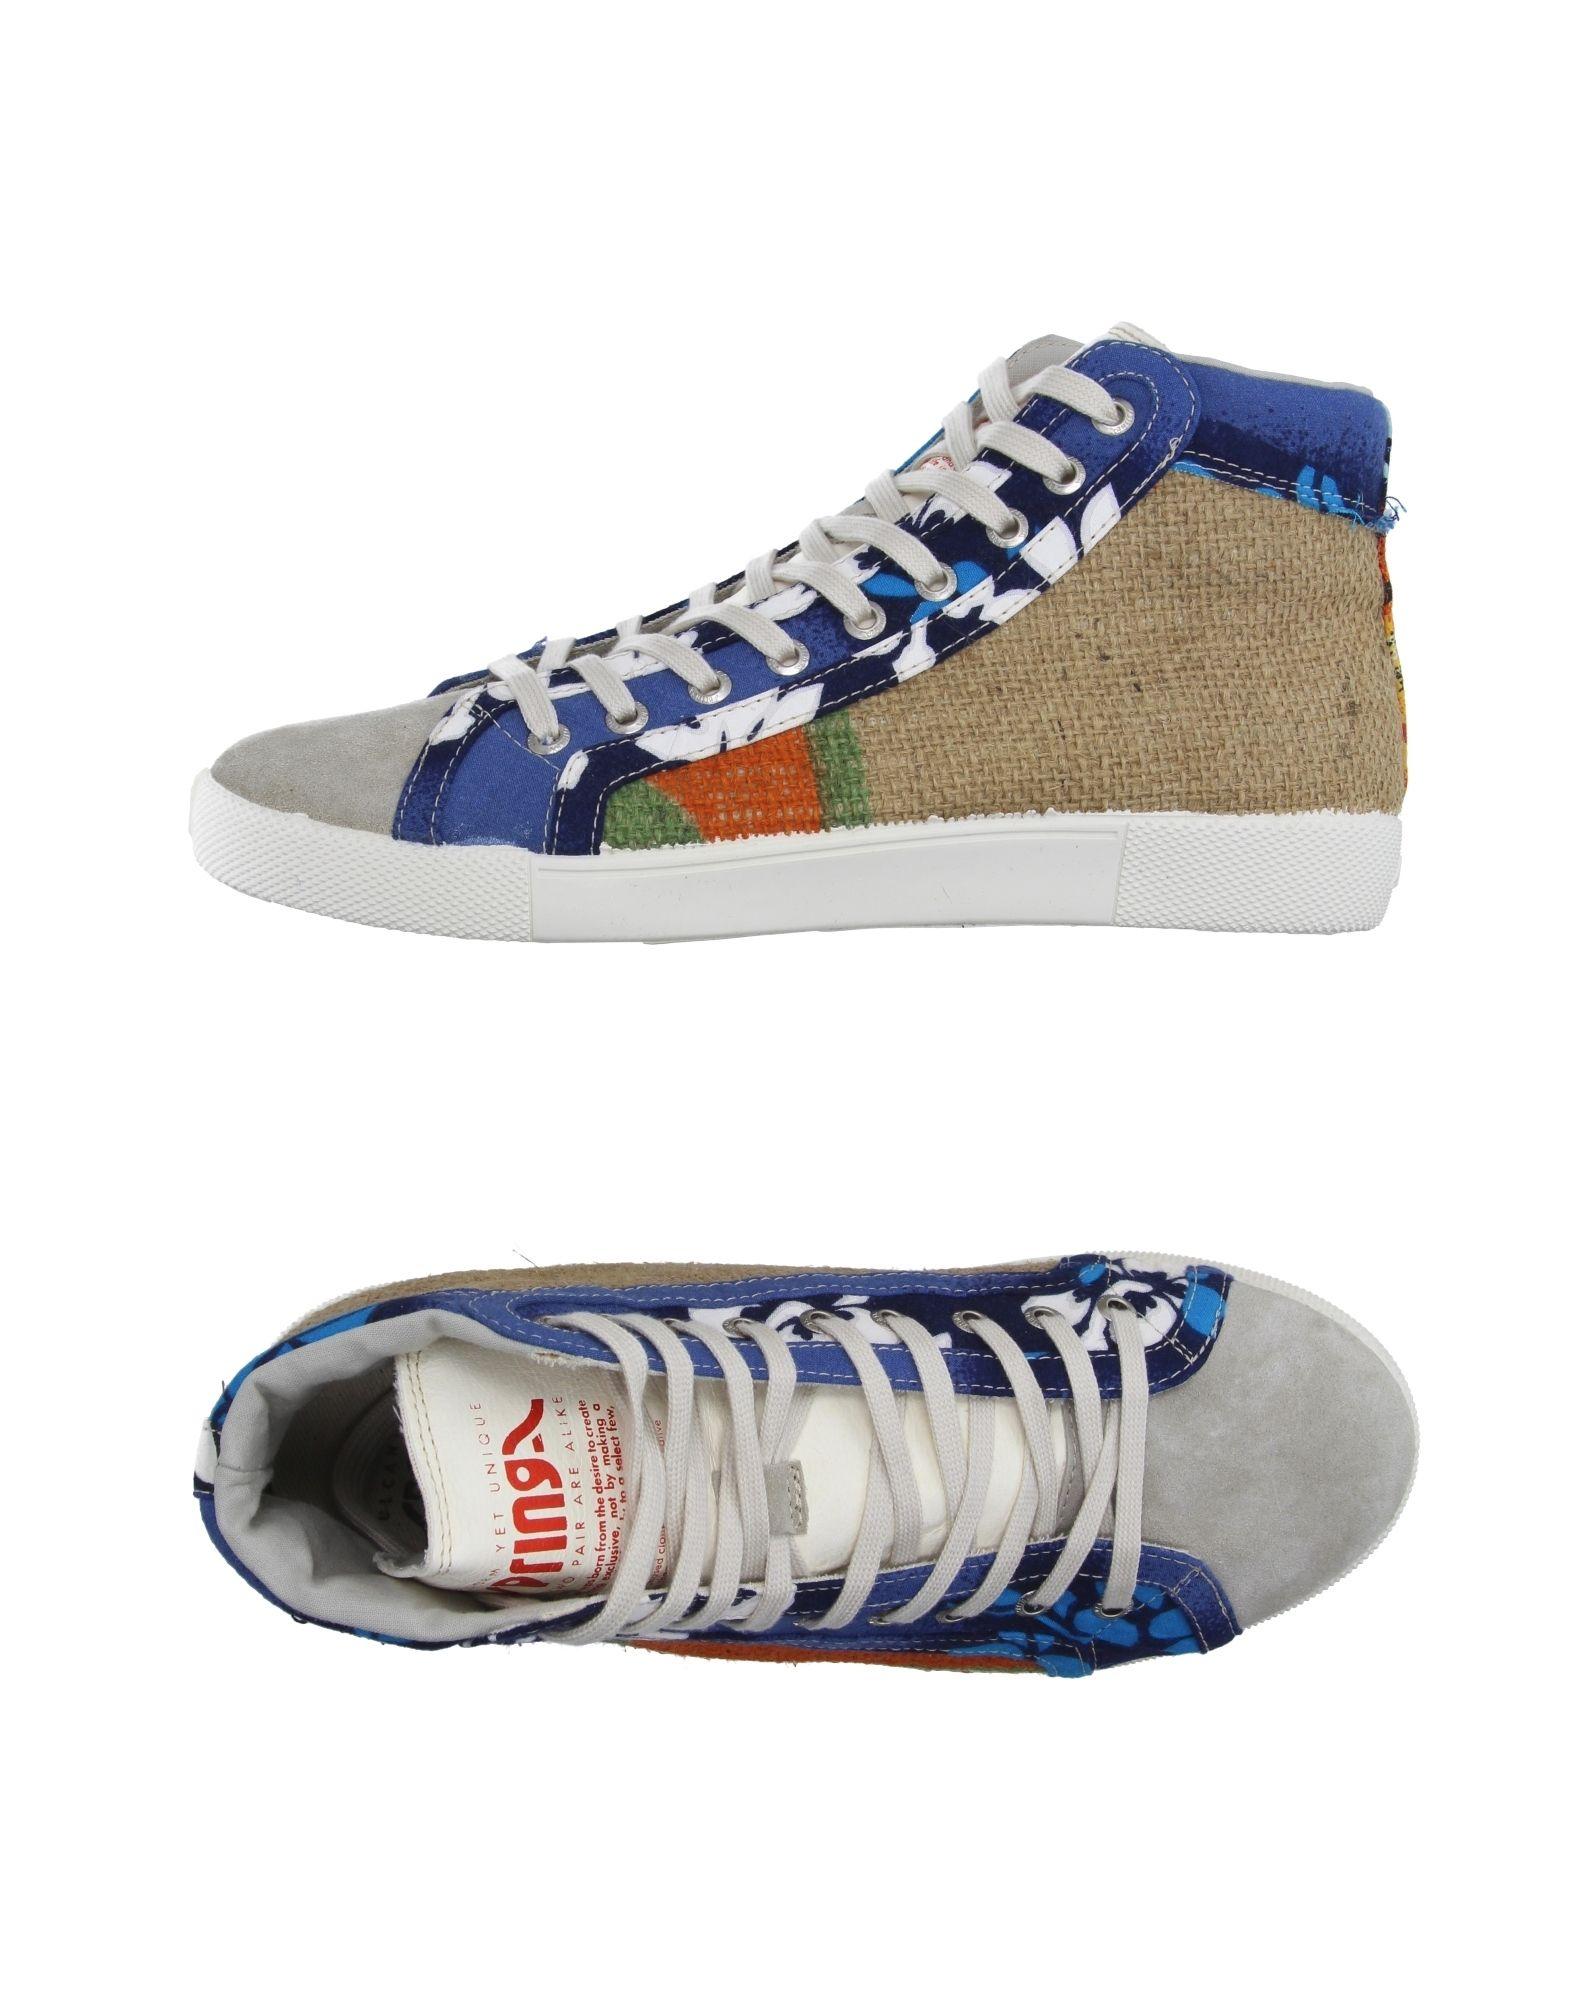 Rabatt Rabatt Rabatt echte Schuhe Springa Sneakers Herren  44957188HG f7abd0